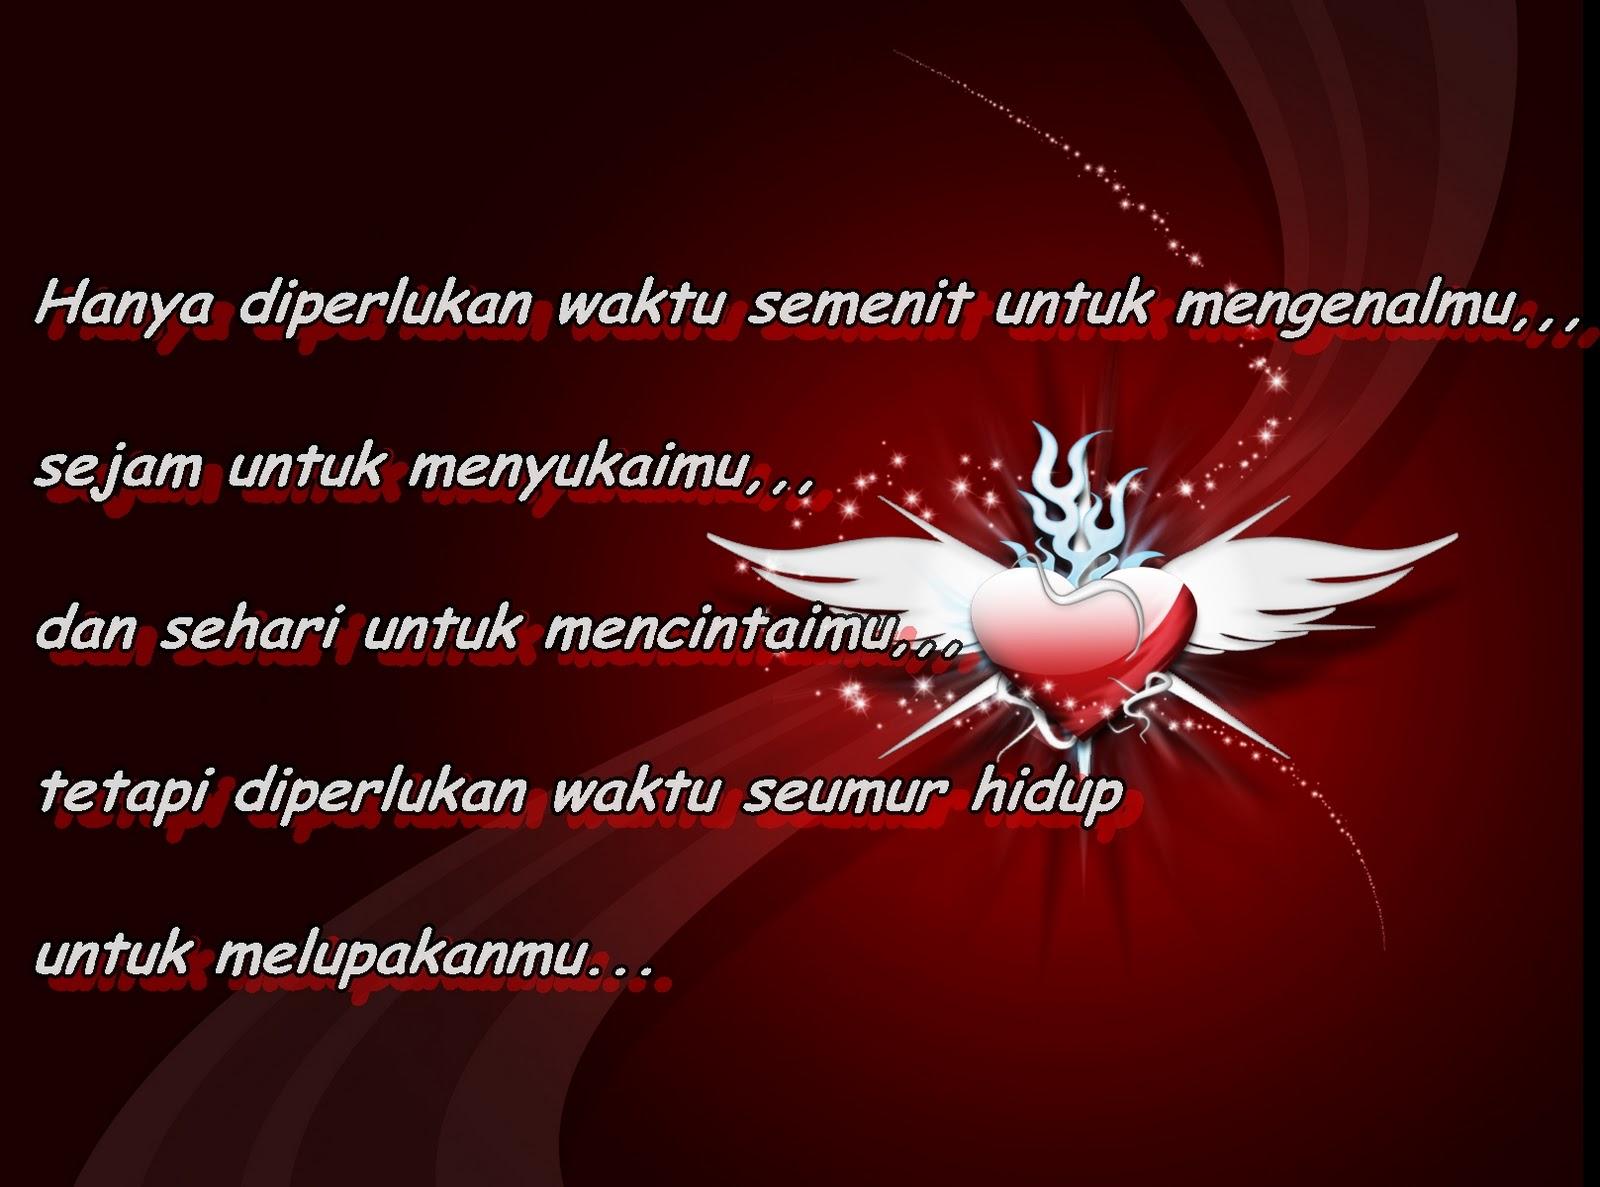 Download Foto Kata Kata Cinta Terbaru